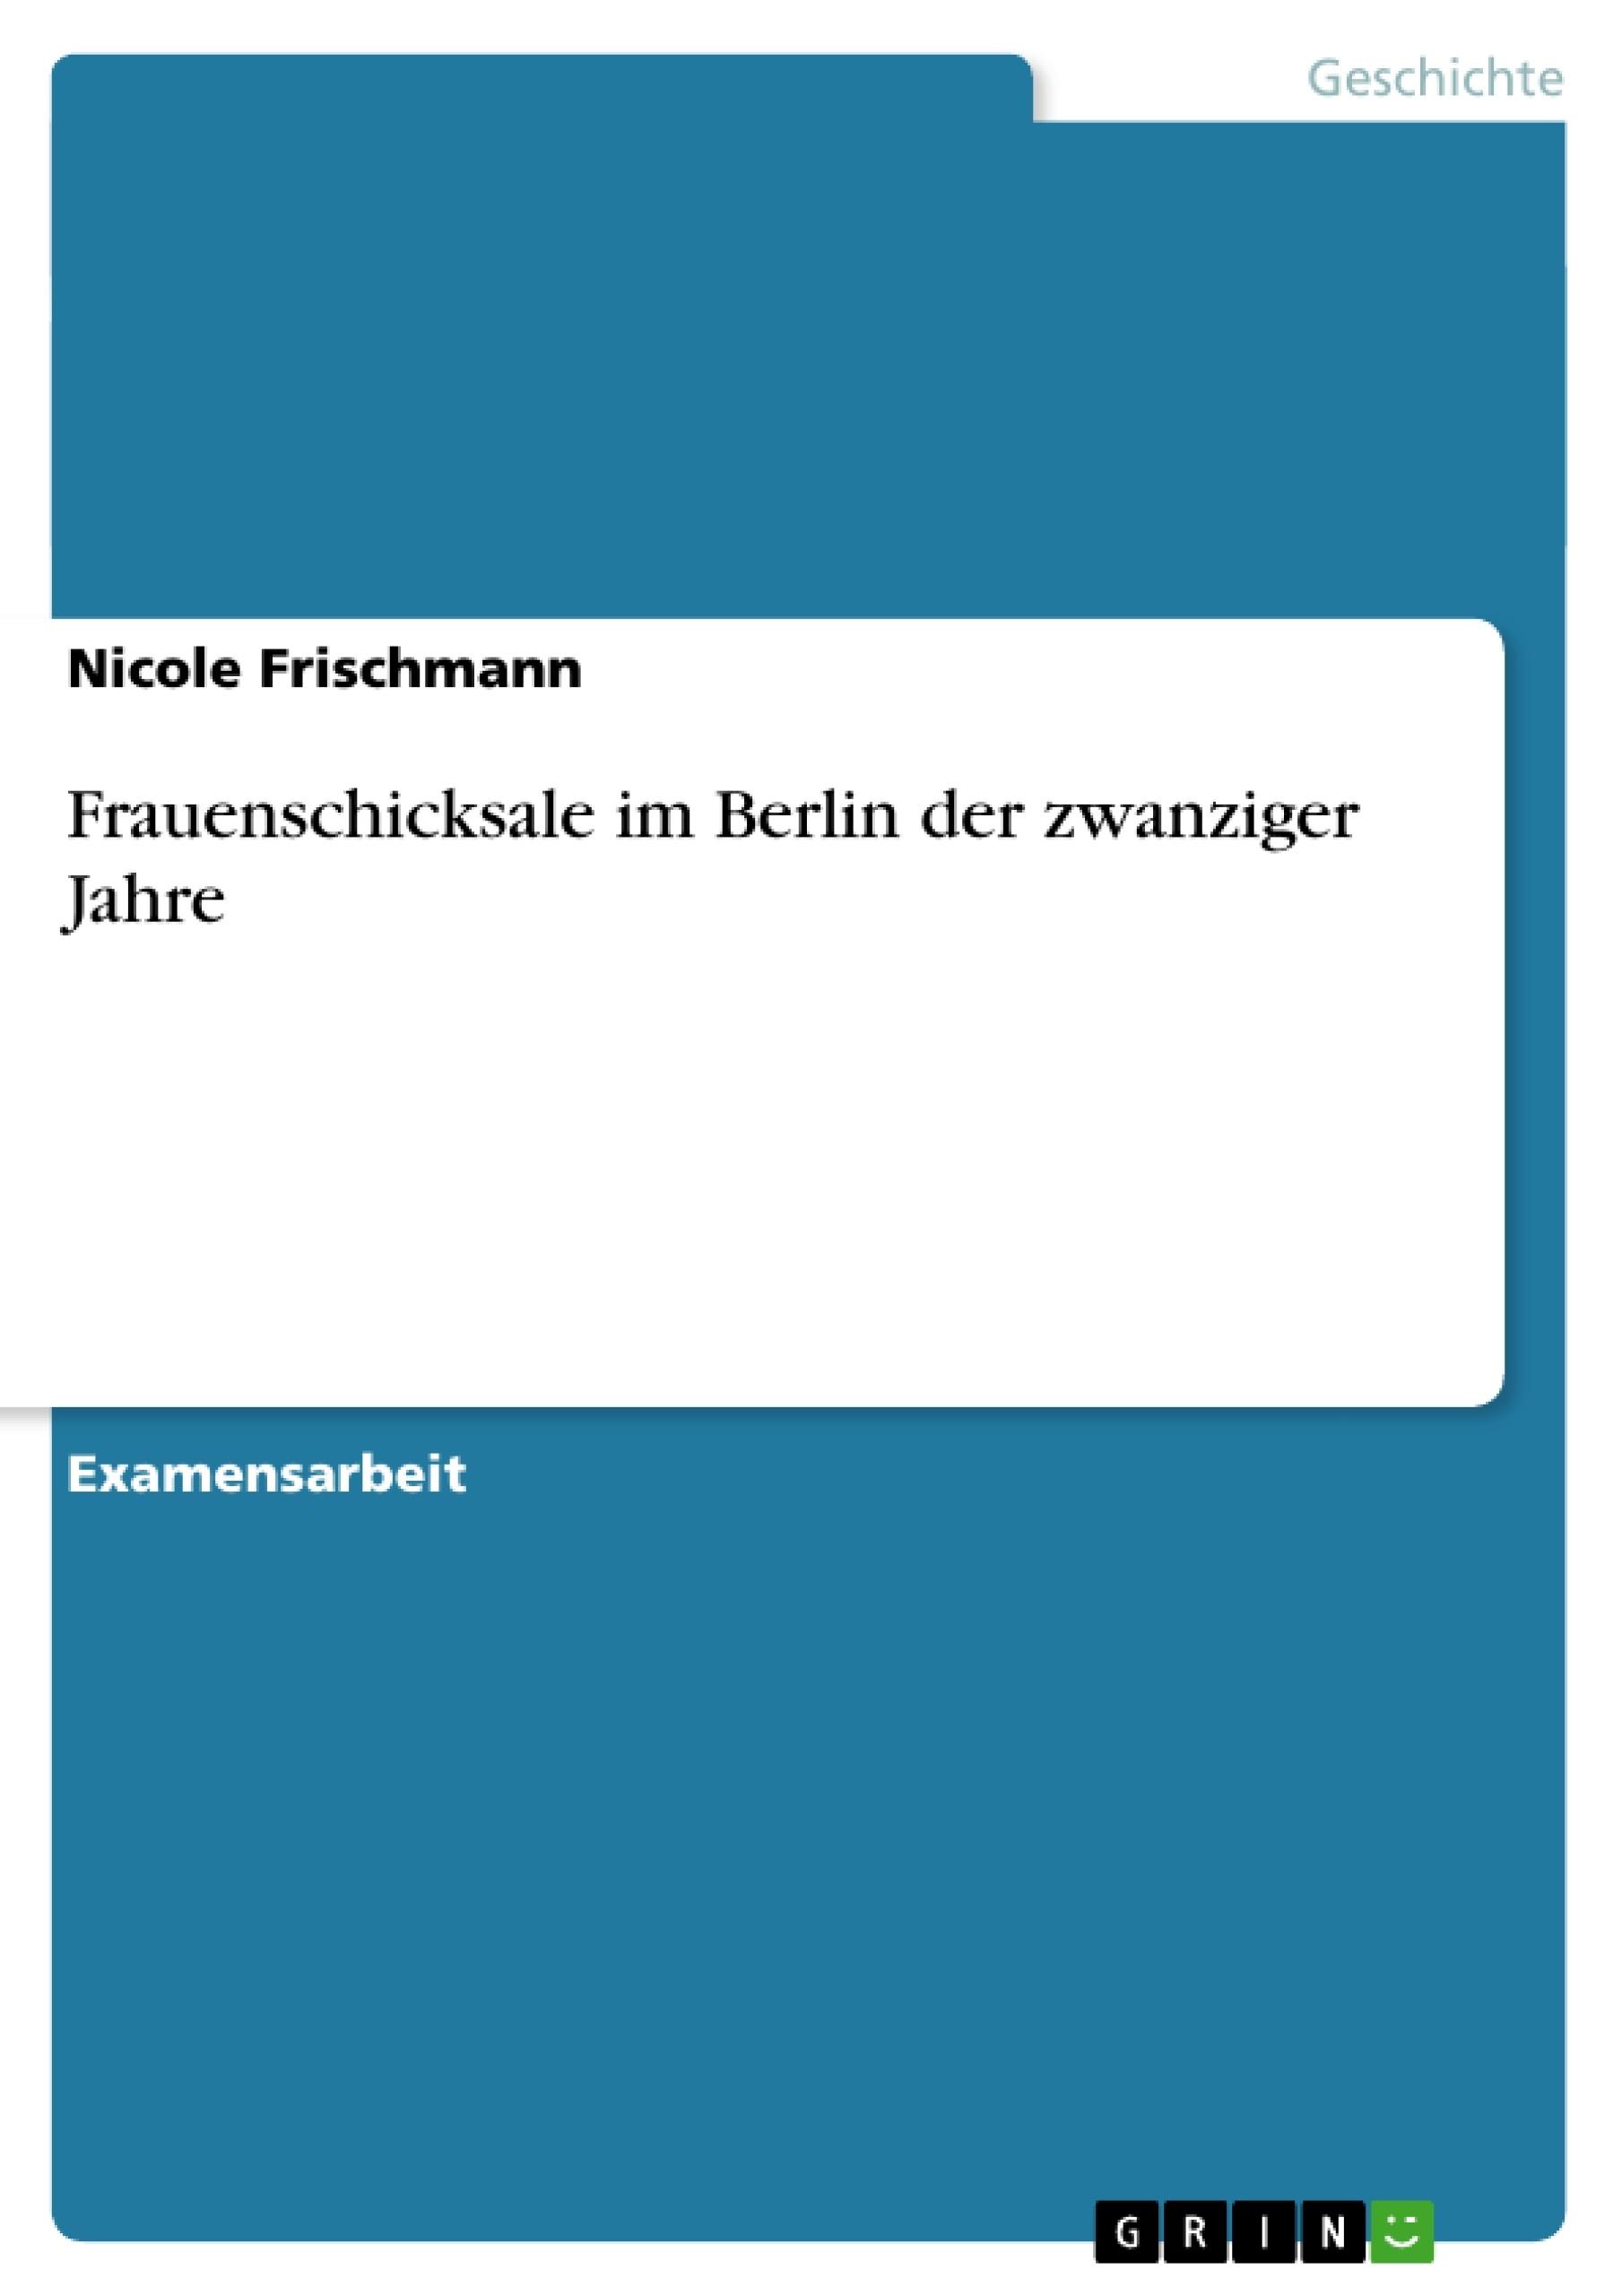 Titel: Frauenschicksale im Berlin der zwanziger Jahre